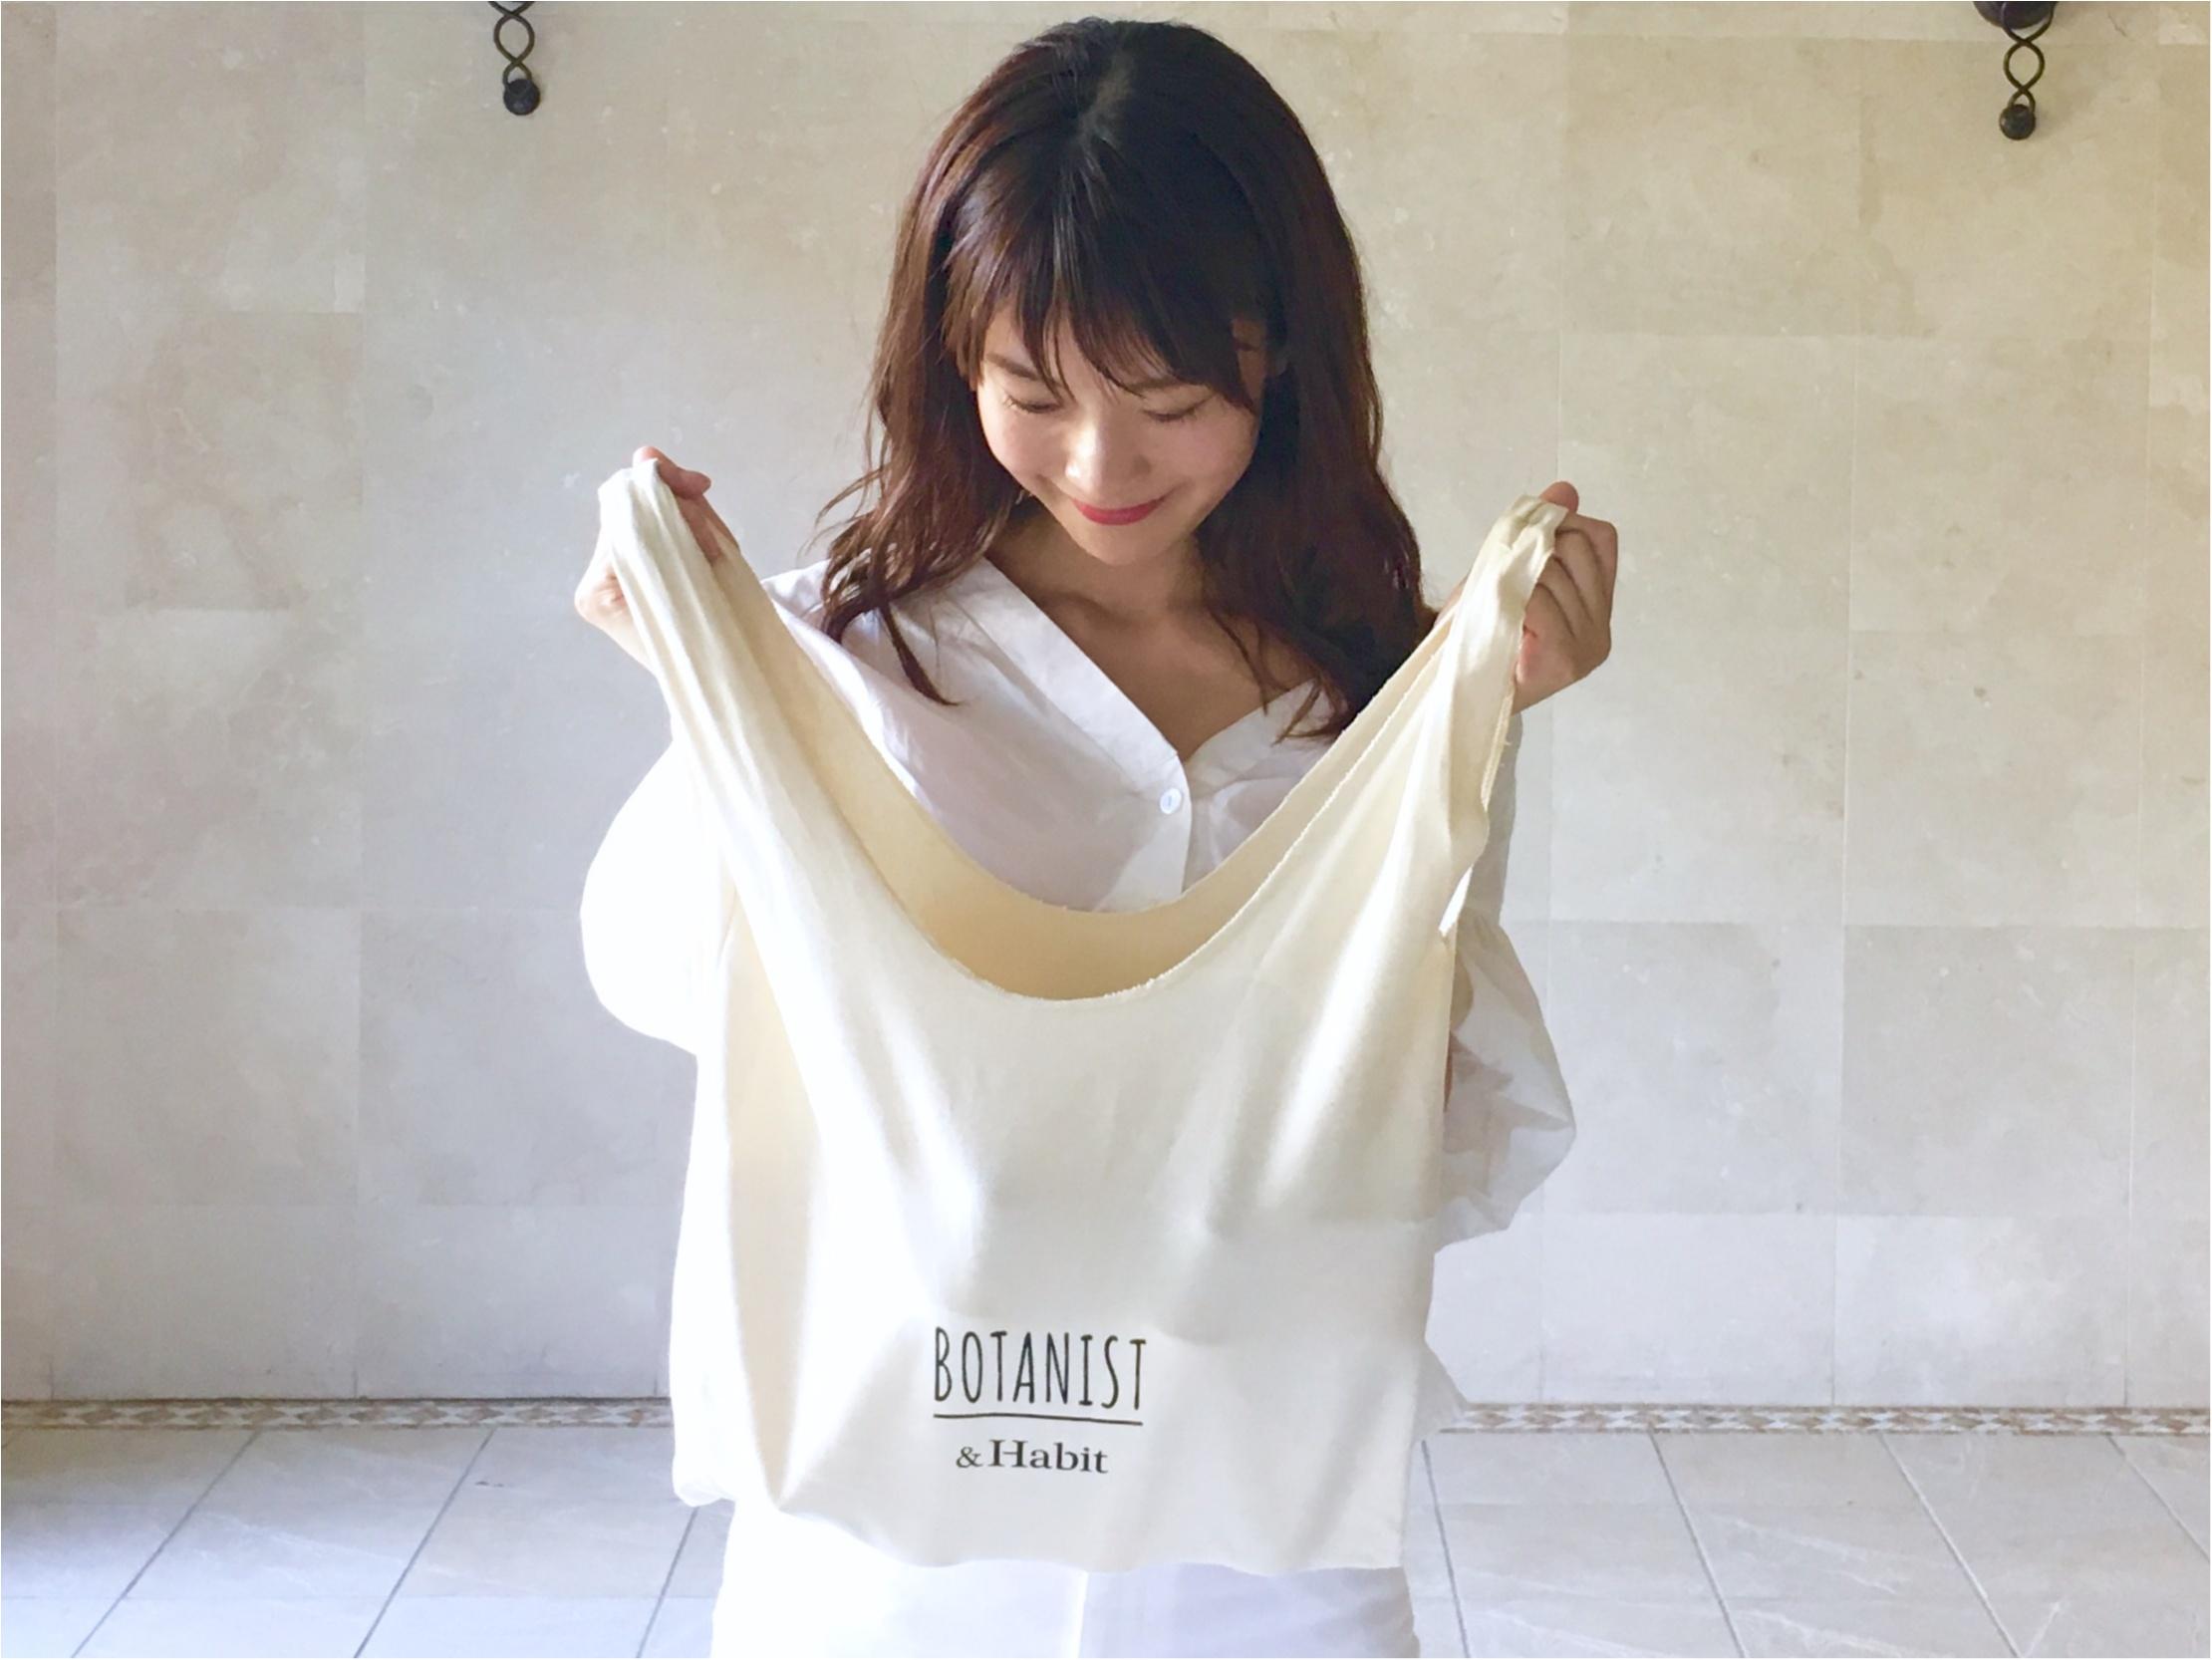 ついに明日オープン!初のフラッグシップショップ【BOTANIST Tokyo】を一足お先にチェックしてきました❤️_13